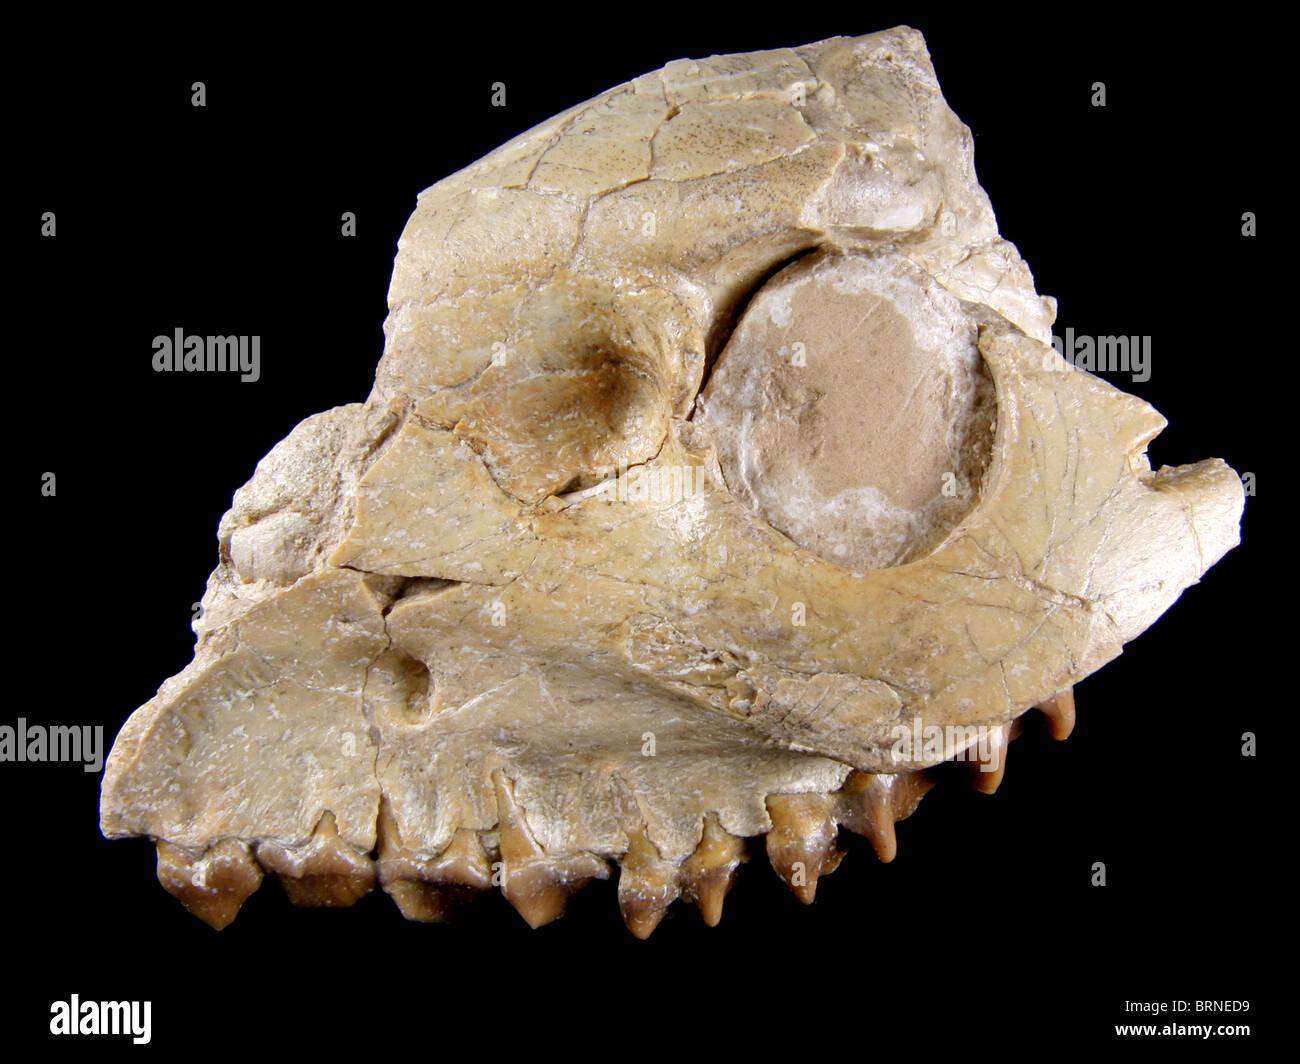 Merycoidodon sp. Cráneo y mandíbula (Sección de extinción 'Oreodont'), 32 millones de años, recopilados a partir de Lusk, Wyoming Foto de stock